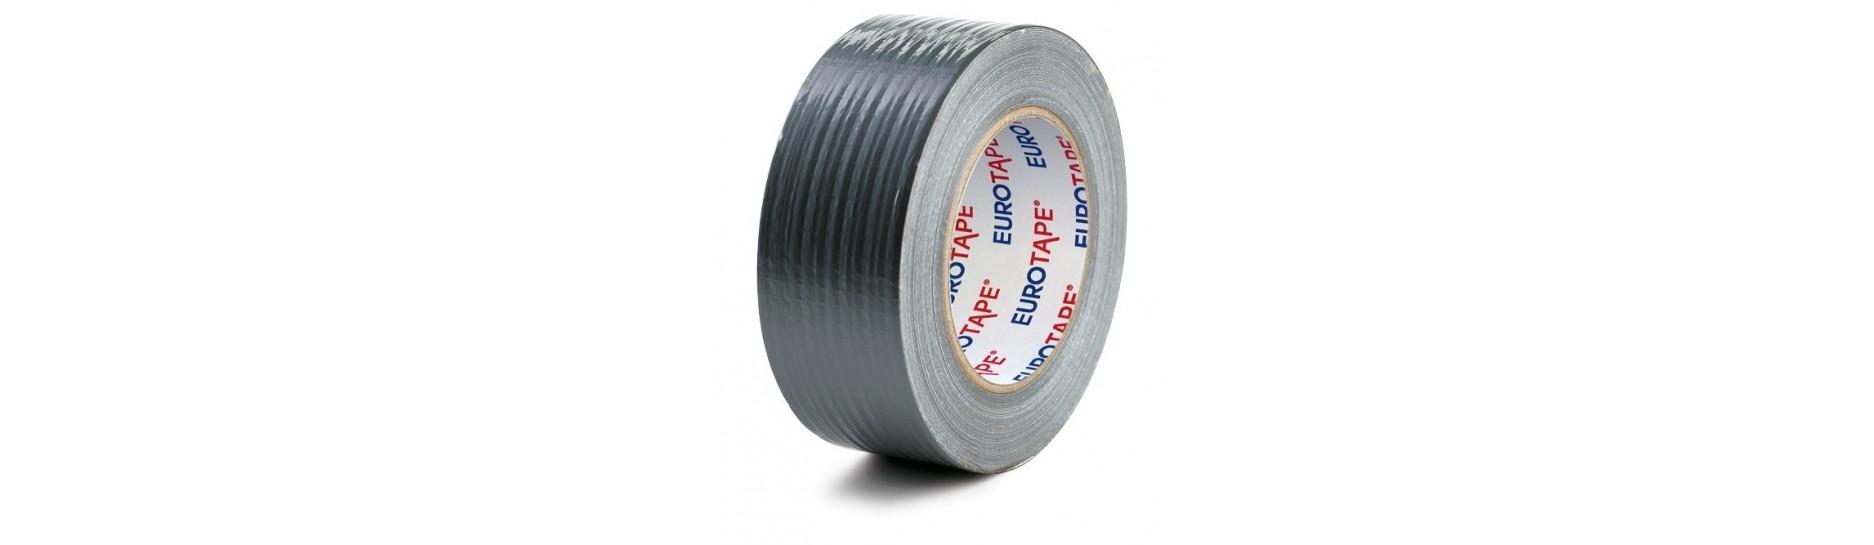 Lepicí pásky Duct-Tape silver, textilní  | ObalyOstrava.cz